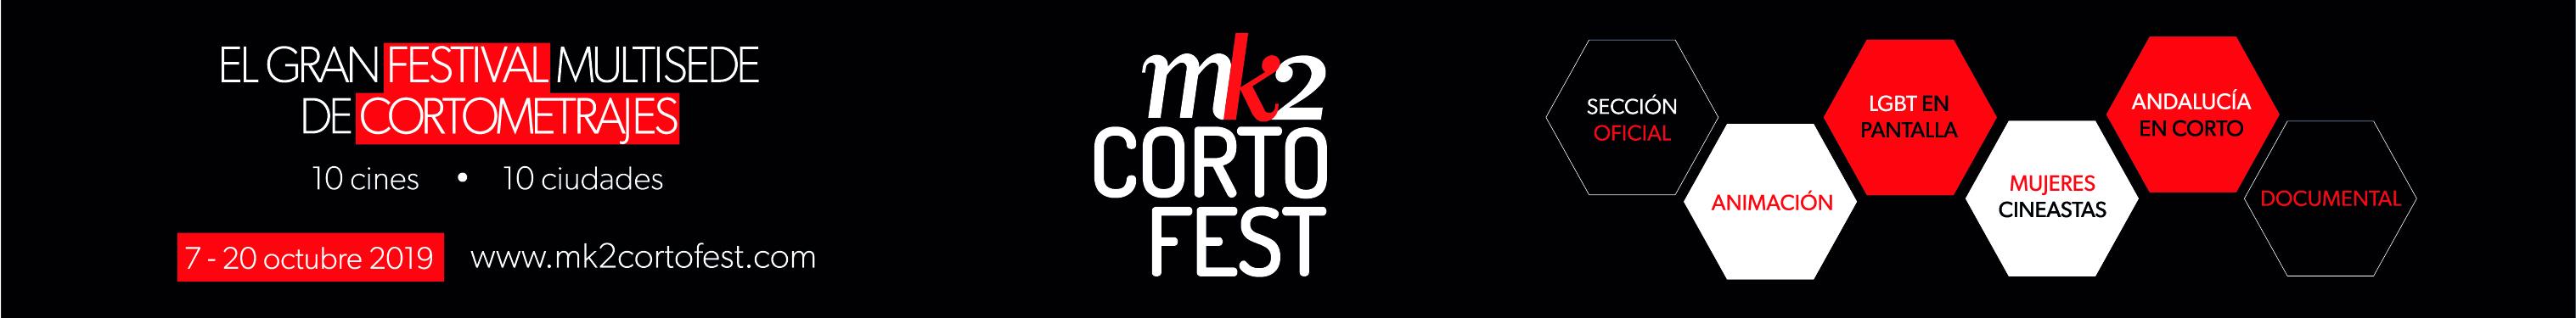 ver mk2 corto fest